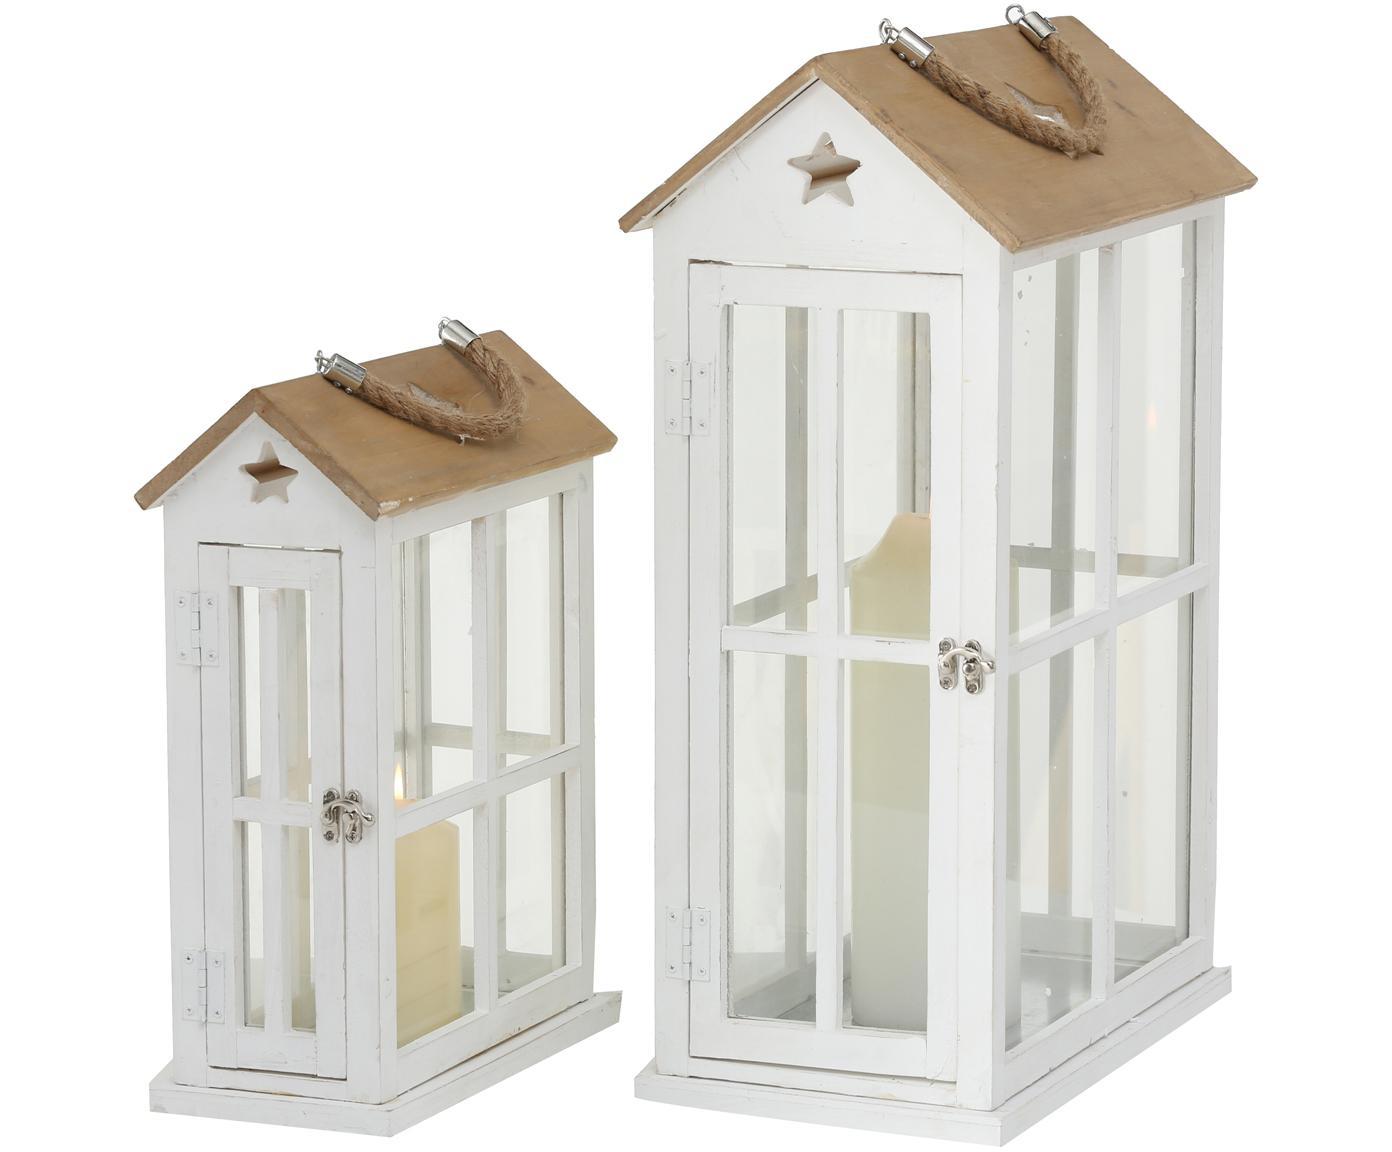 Set 2 lanterne Casa, Struttura: abete bianco rivestito, Manico: juta, Bianco, legno, Diverse dimensioni